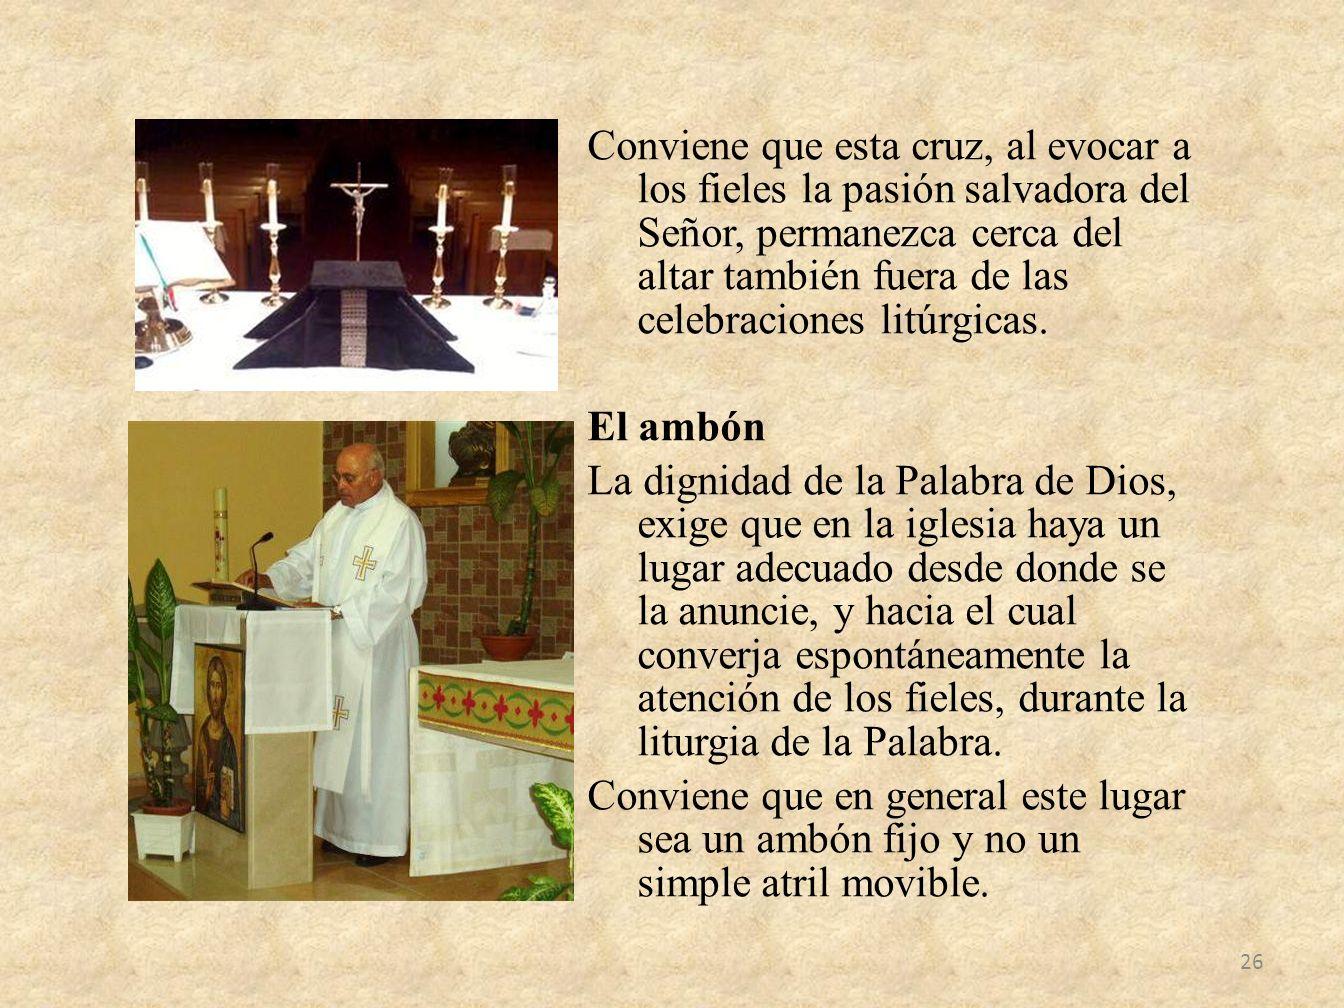 Conviene que esta cruz, al evocar a los fieles la pasión salvadora del Señor, permanezca cerca del altar también fuera de las celebraciones litúrgicas